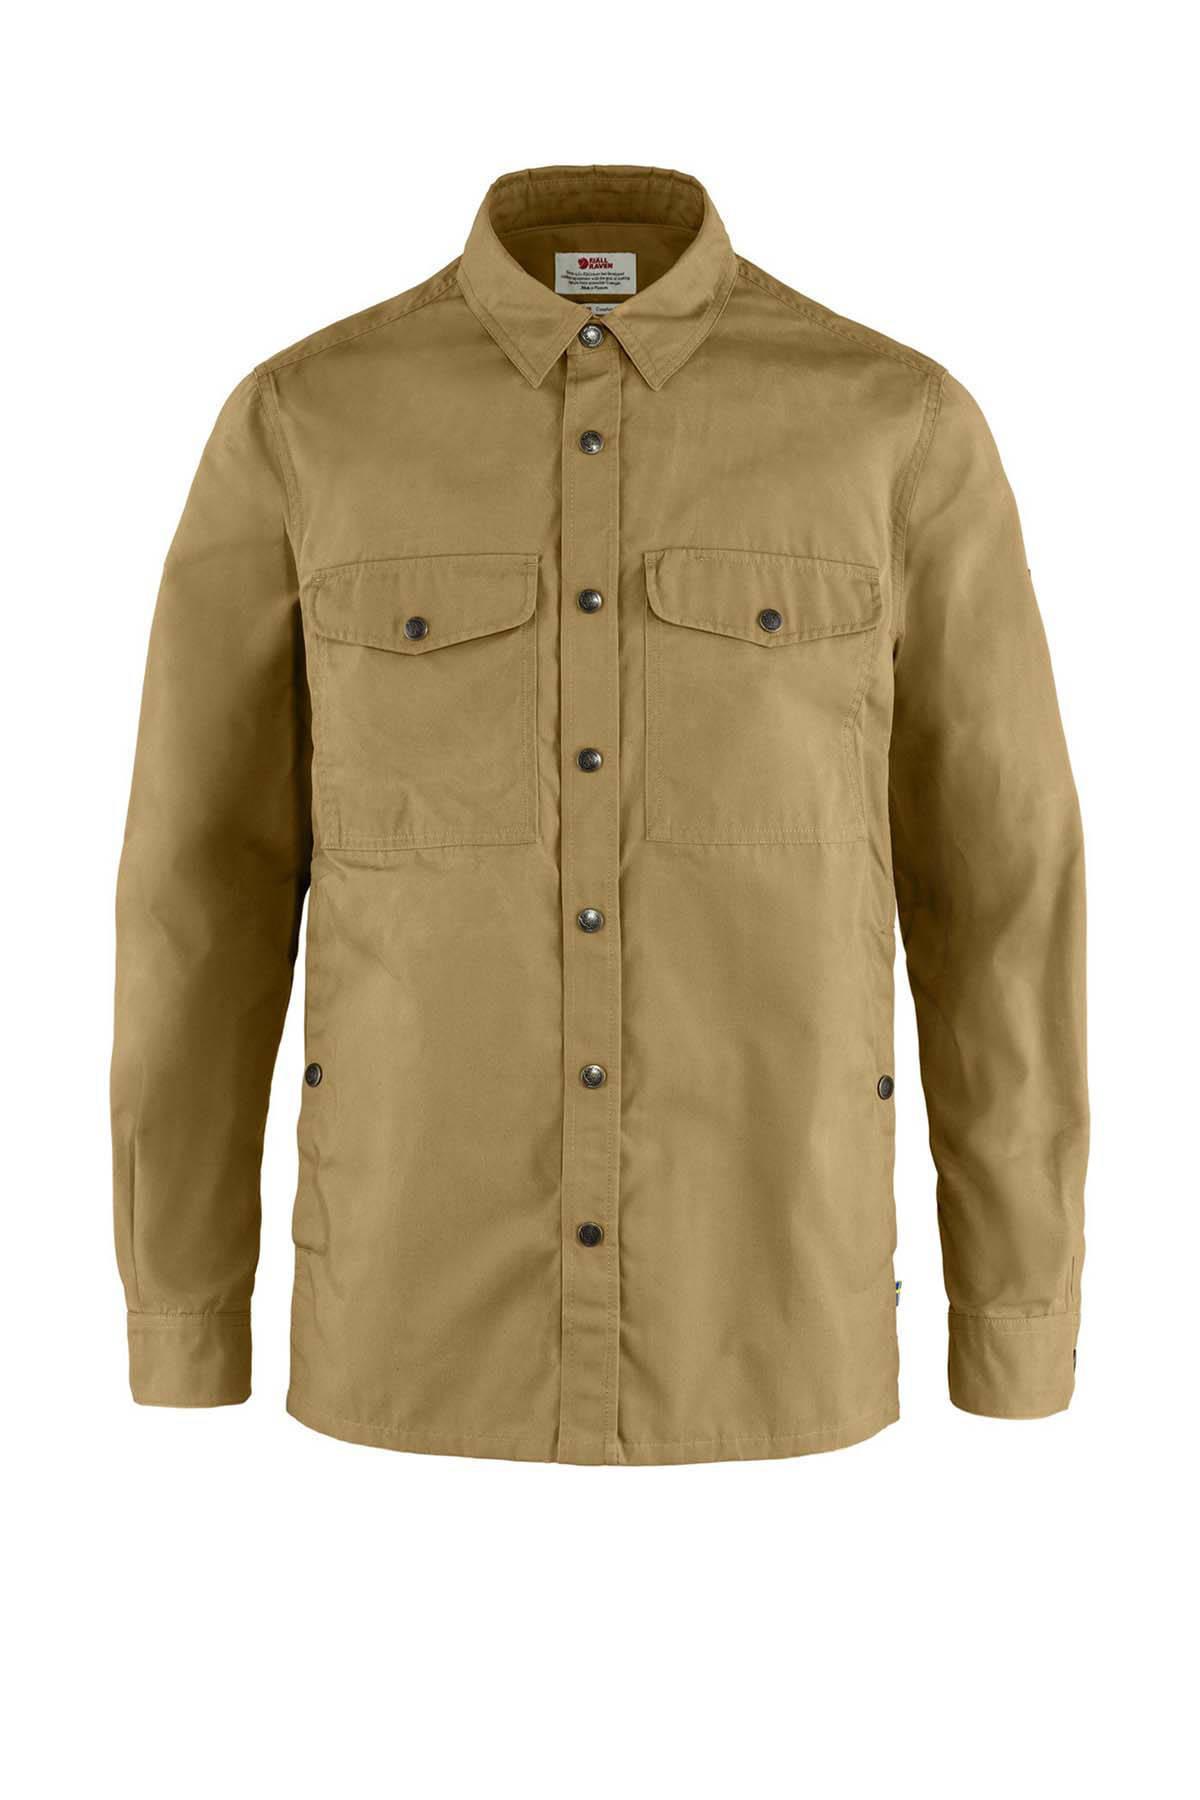 Fjällräven Singi Overshirt Men's Buckwheat Brown online kopen